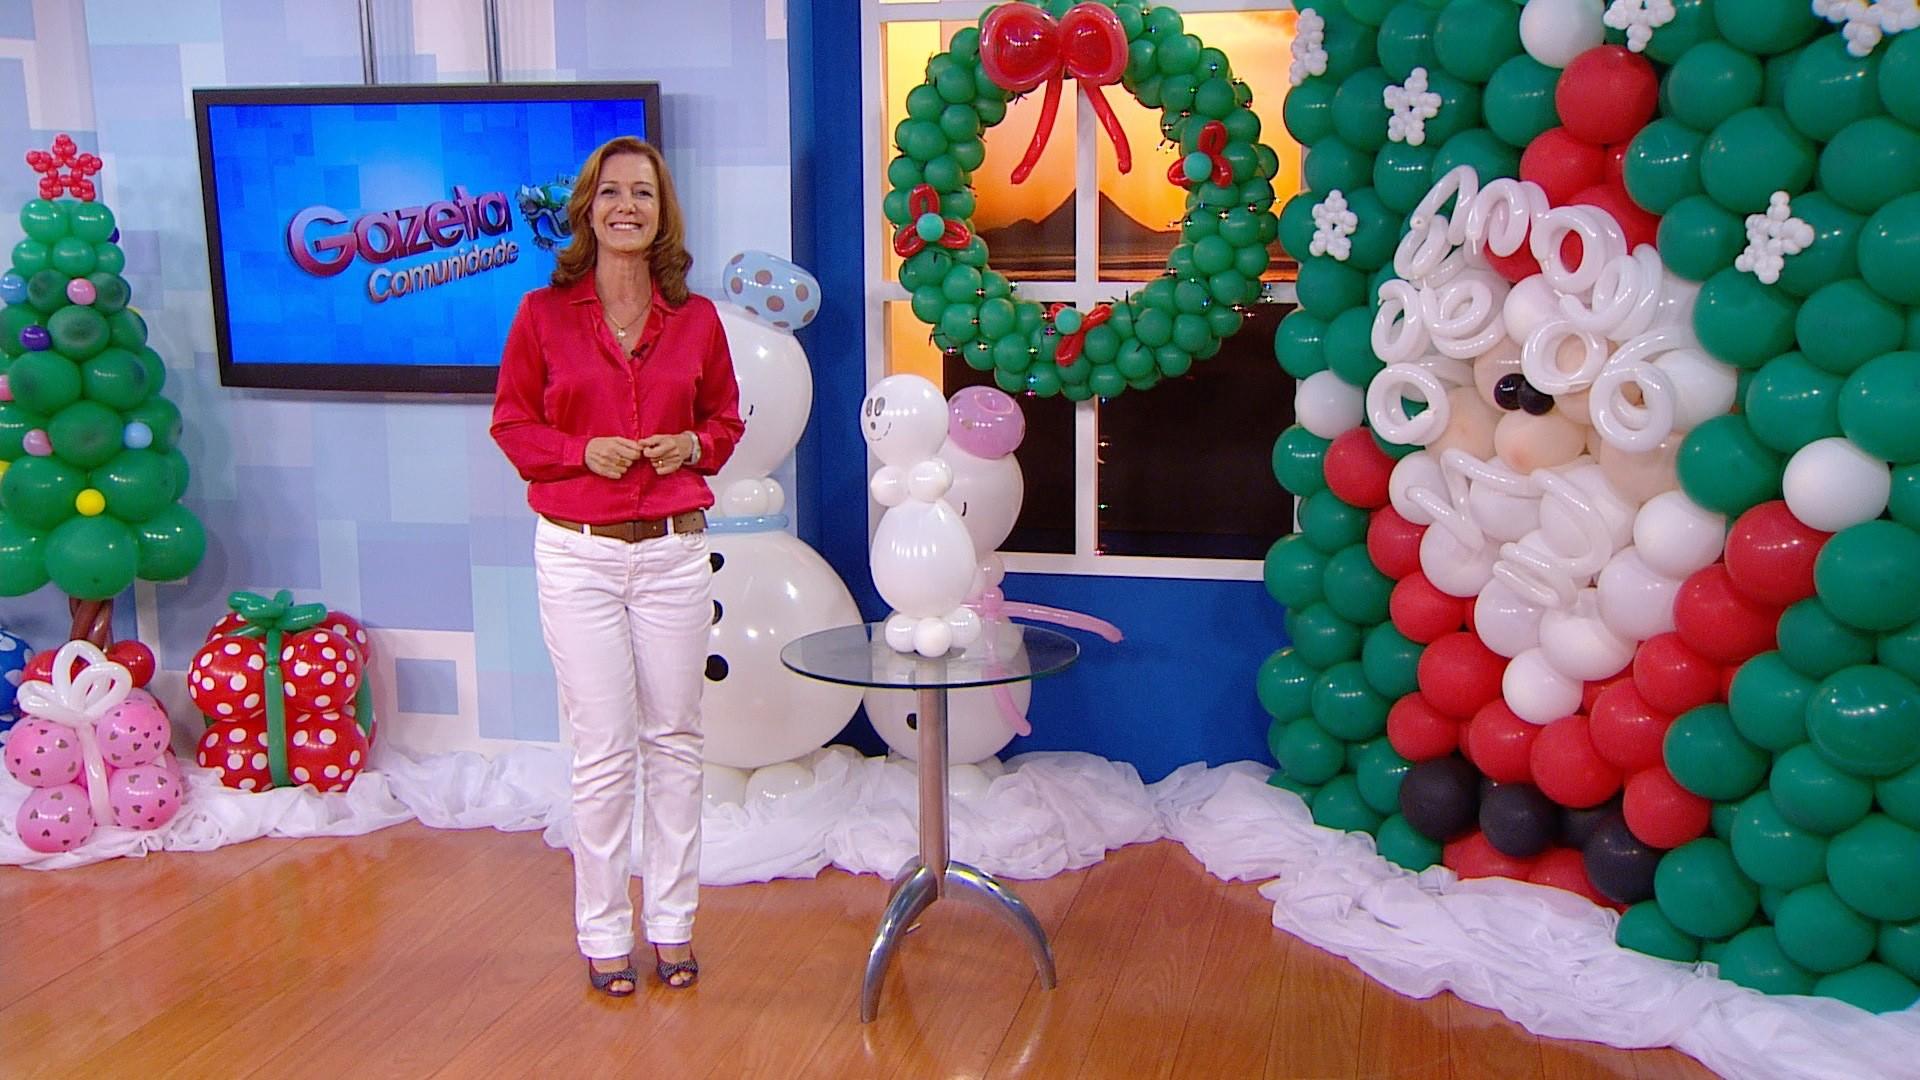 Sandra Freitas comanda o Gazeta Comunidade (Foto: Divulgação)